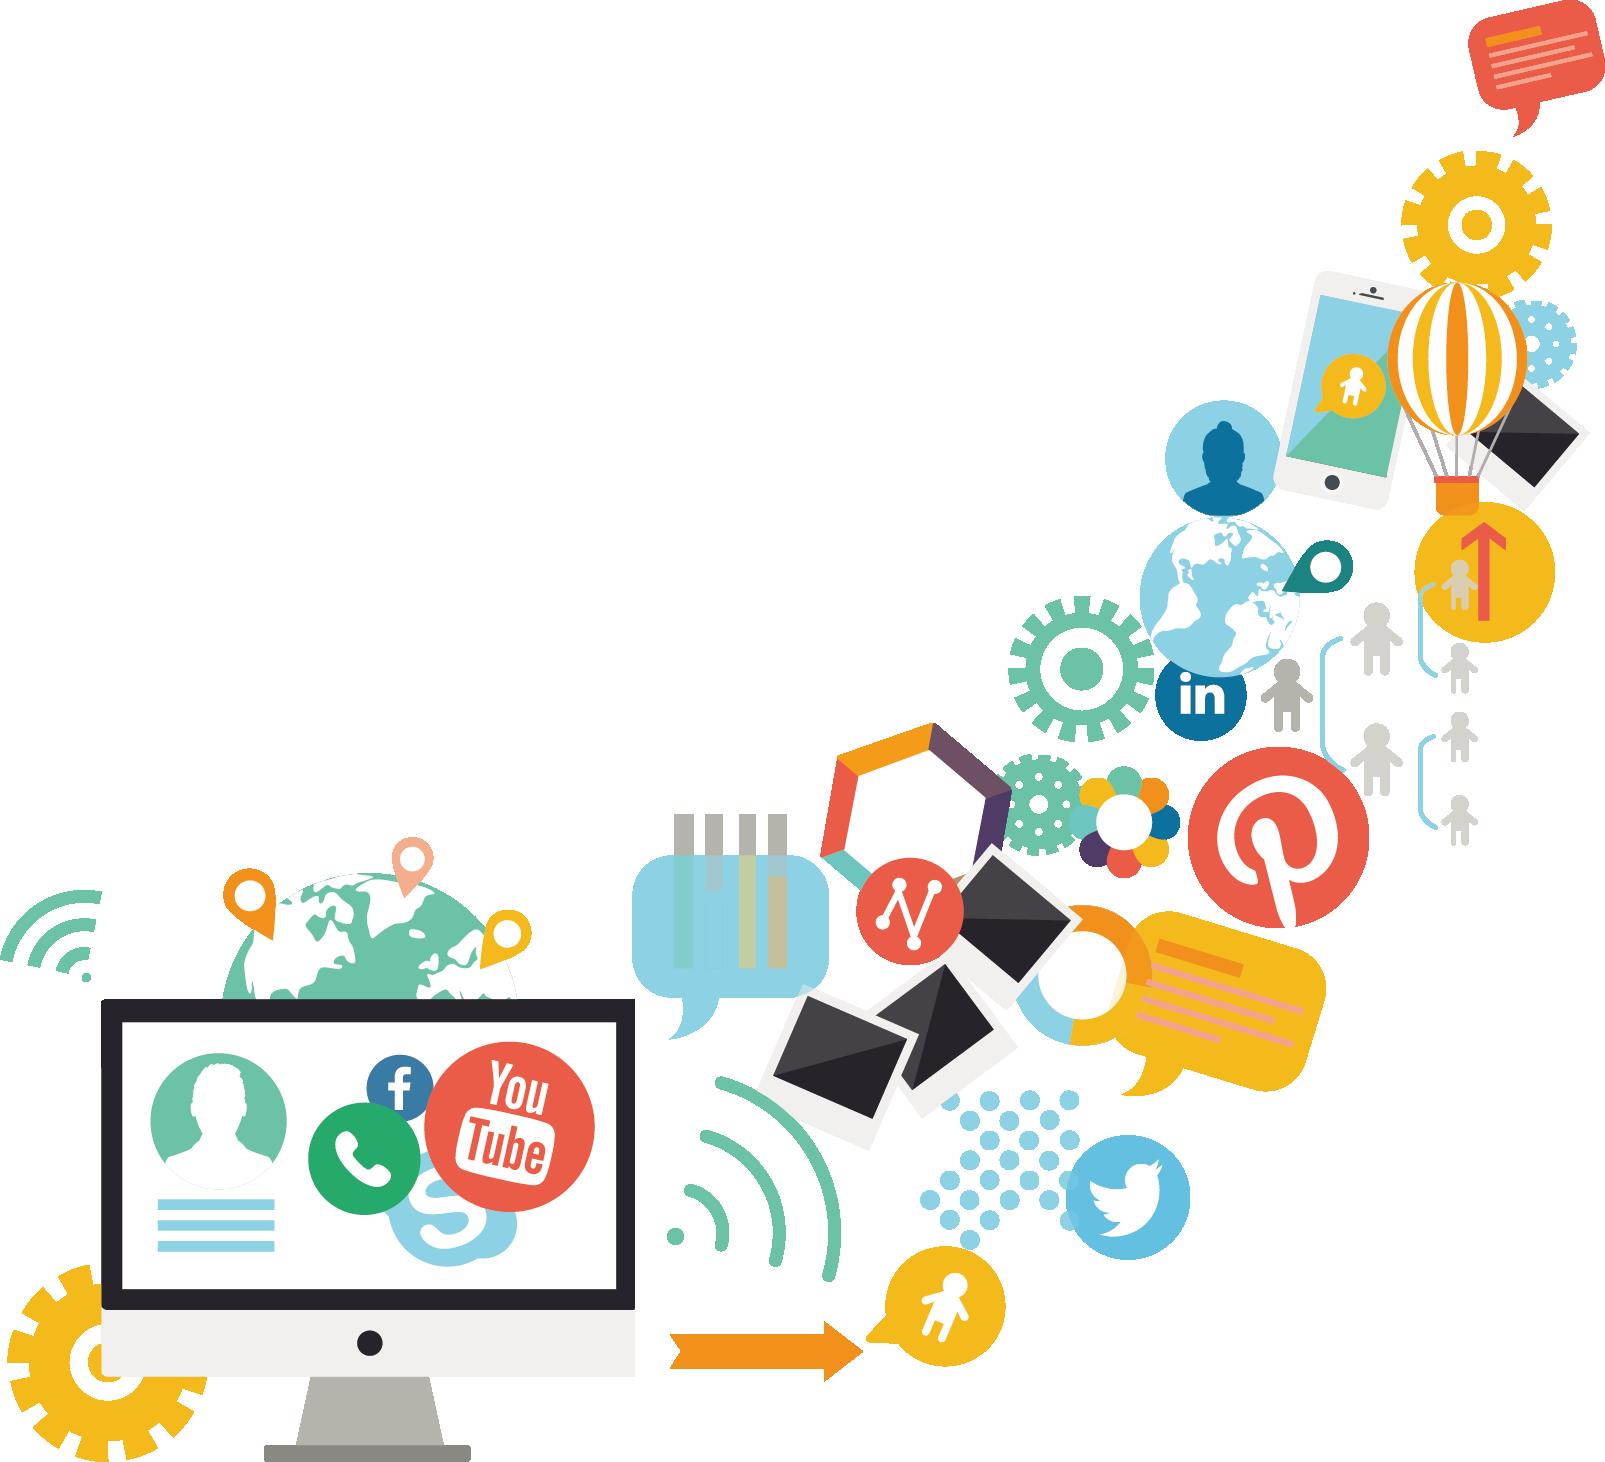 Kisspng Social Media Marketing Digital Marketing Content ...